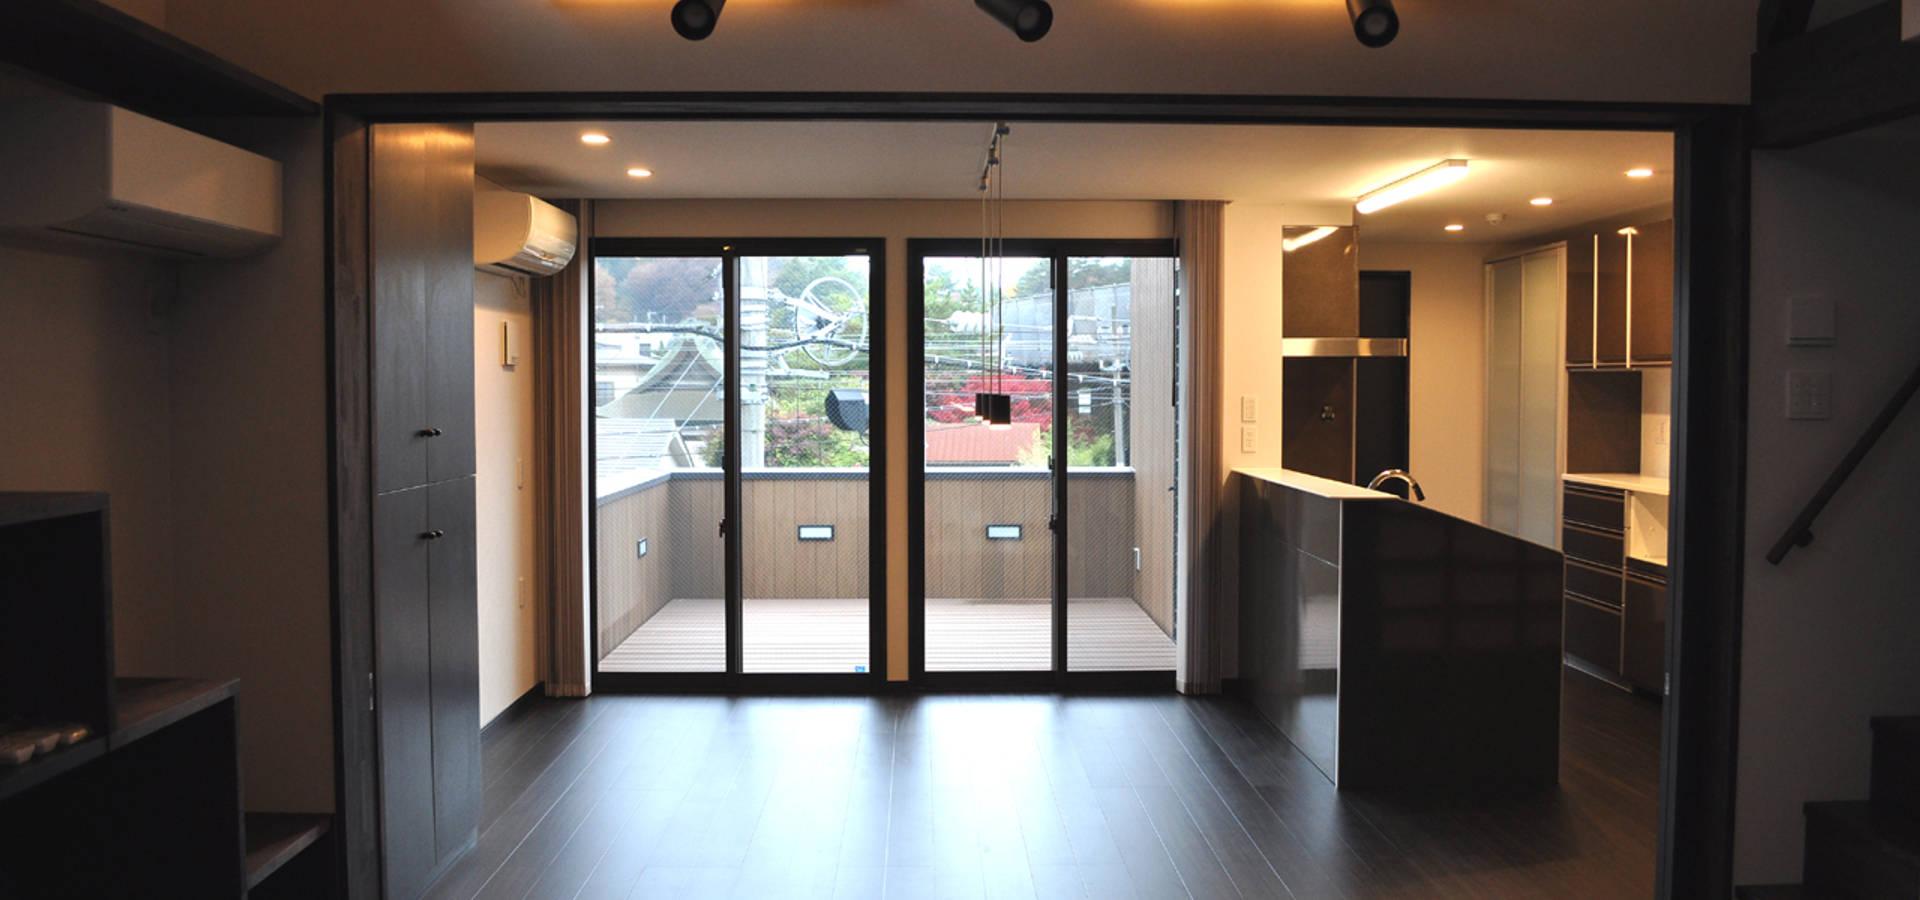 一級建築士事務所 渡邊唯建築設計事務所